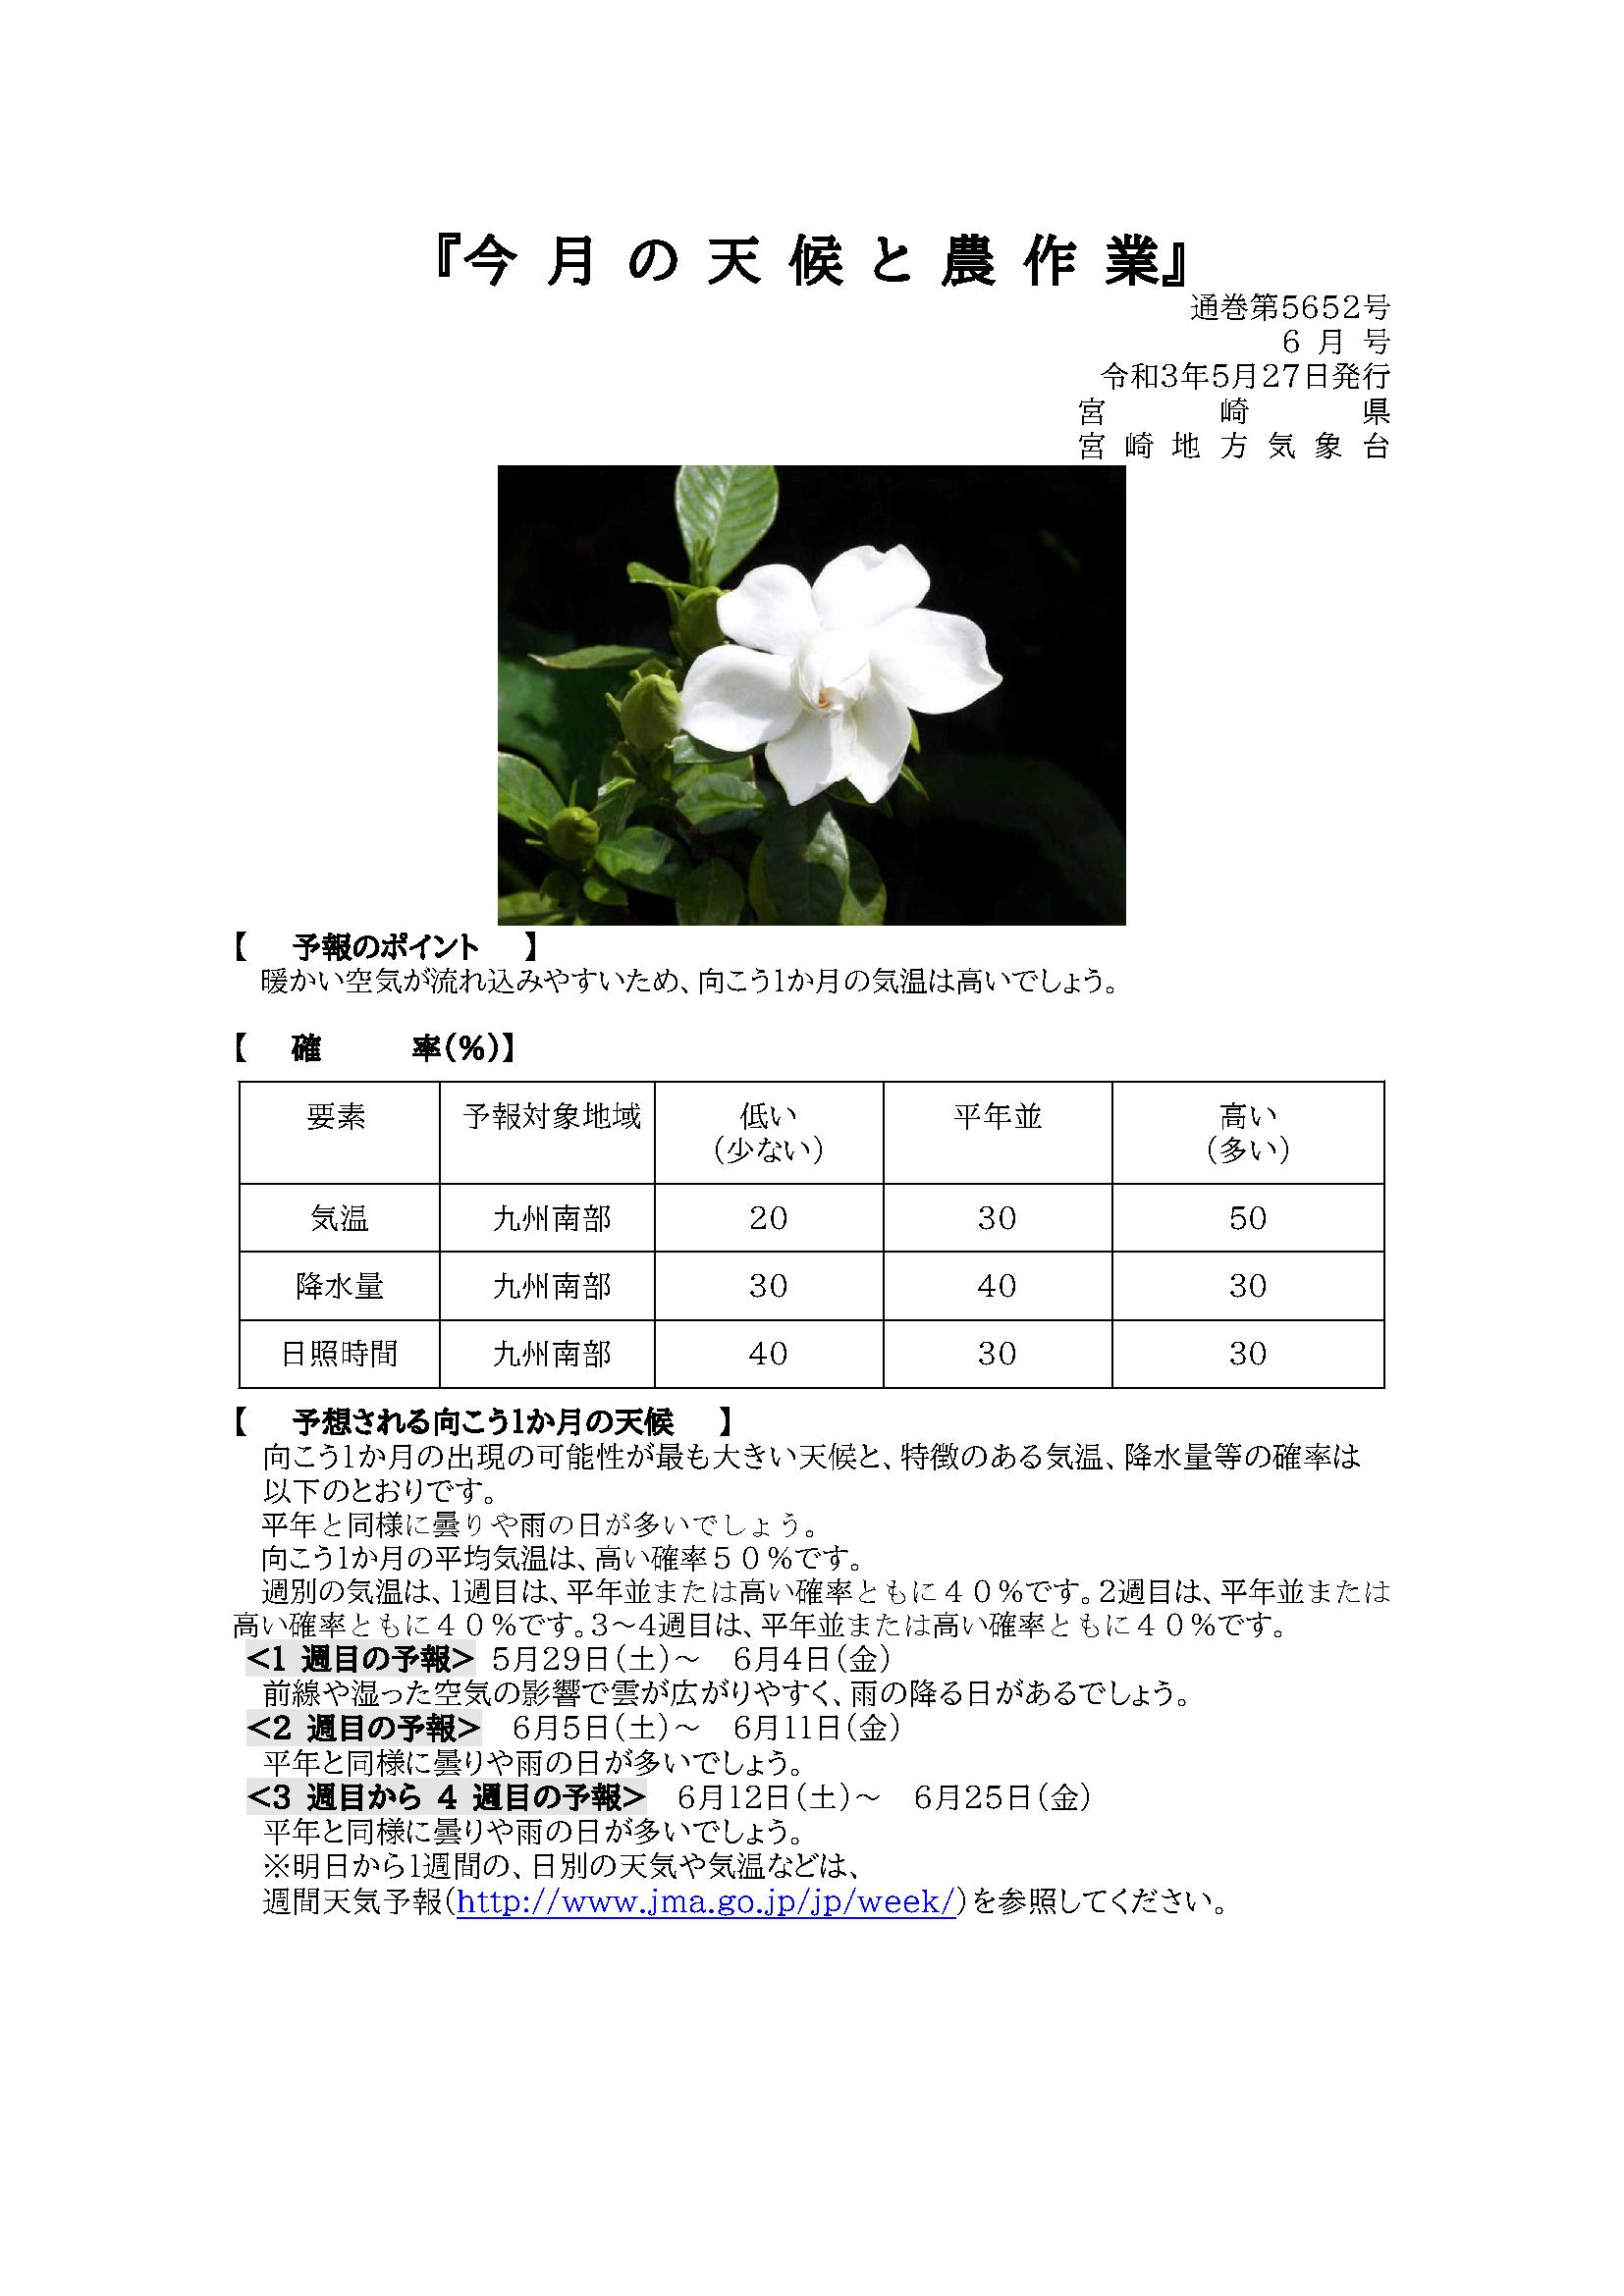 今月の天候と農作業2021年5月版